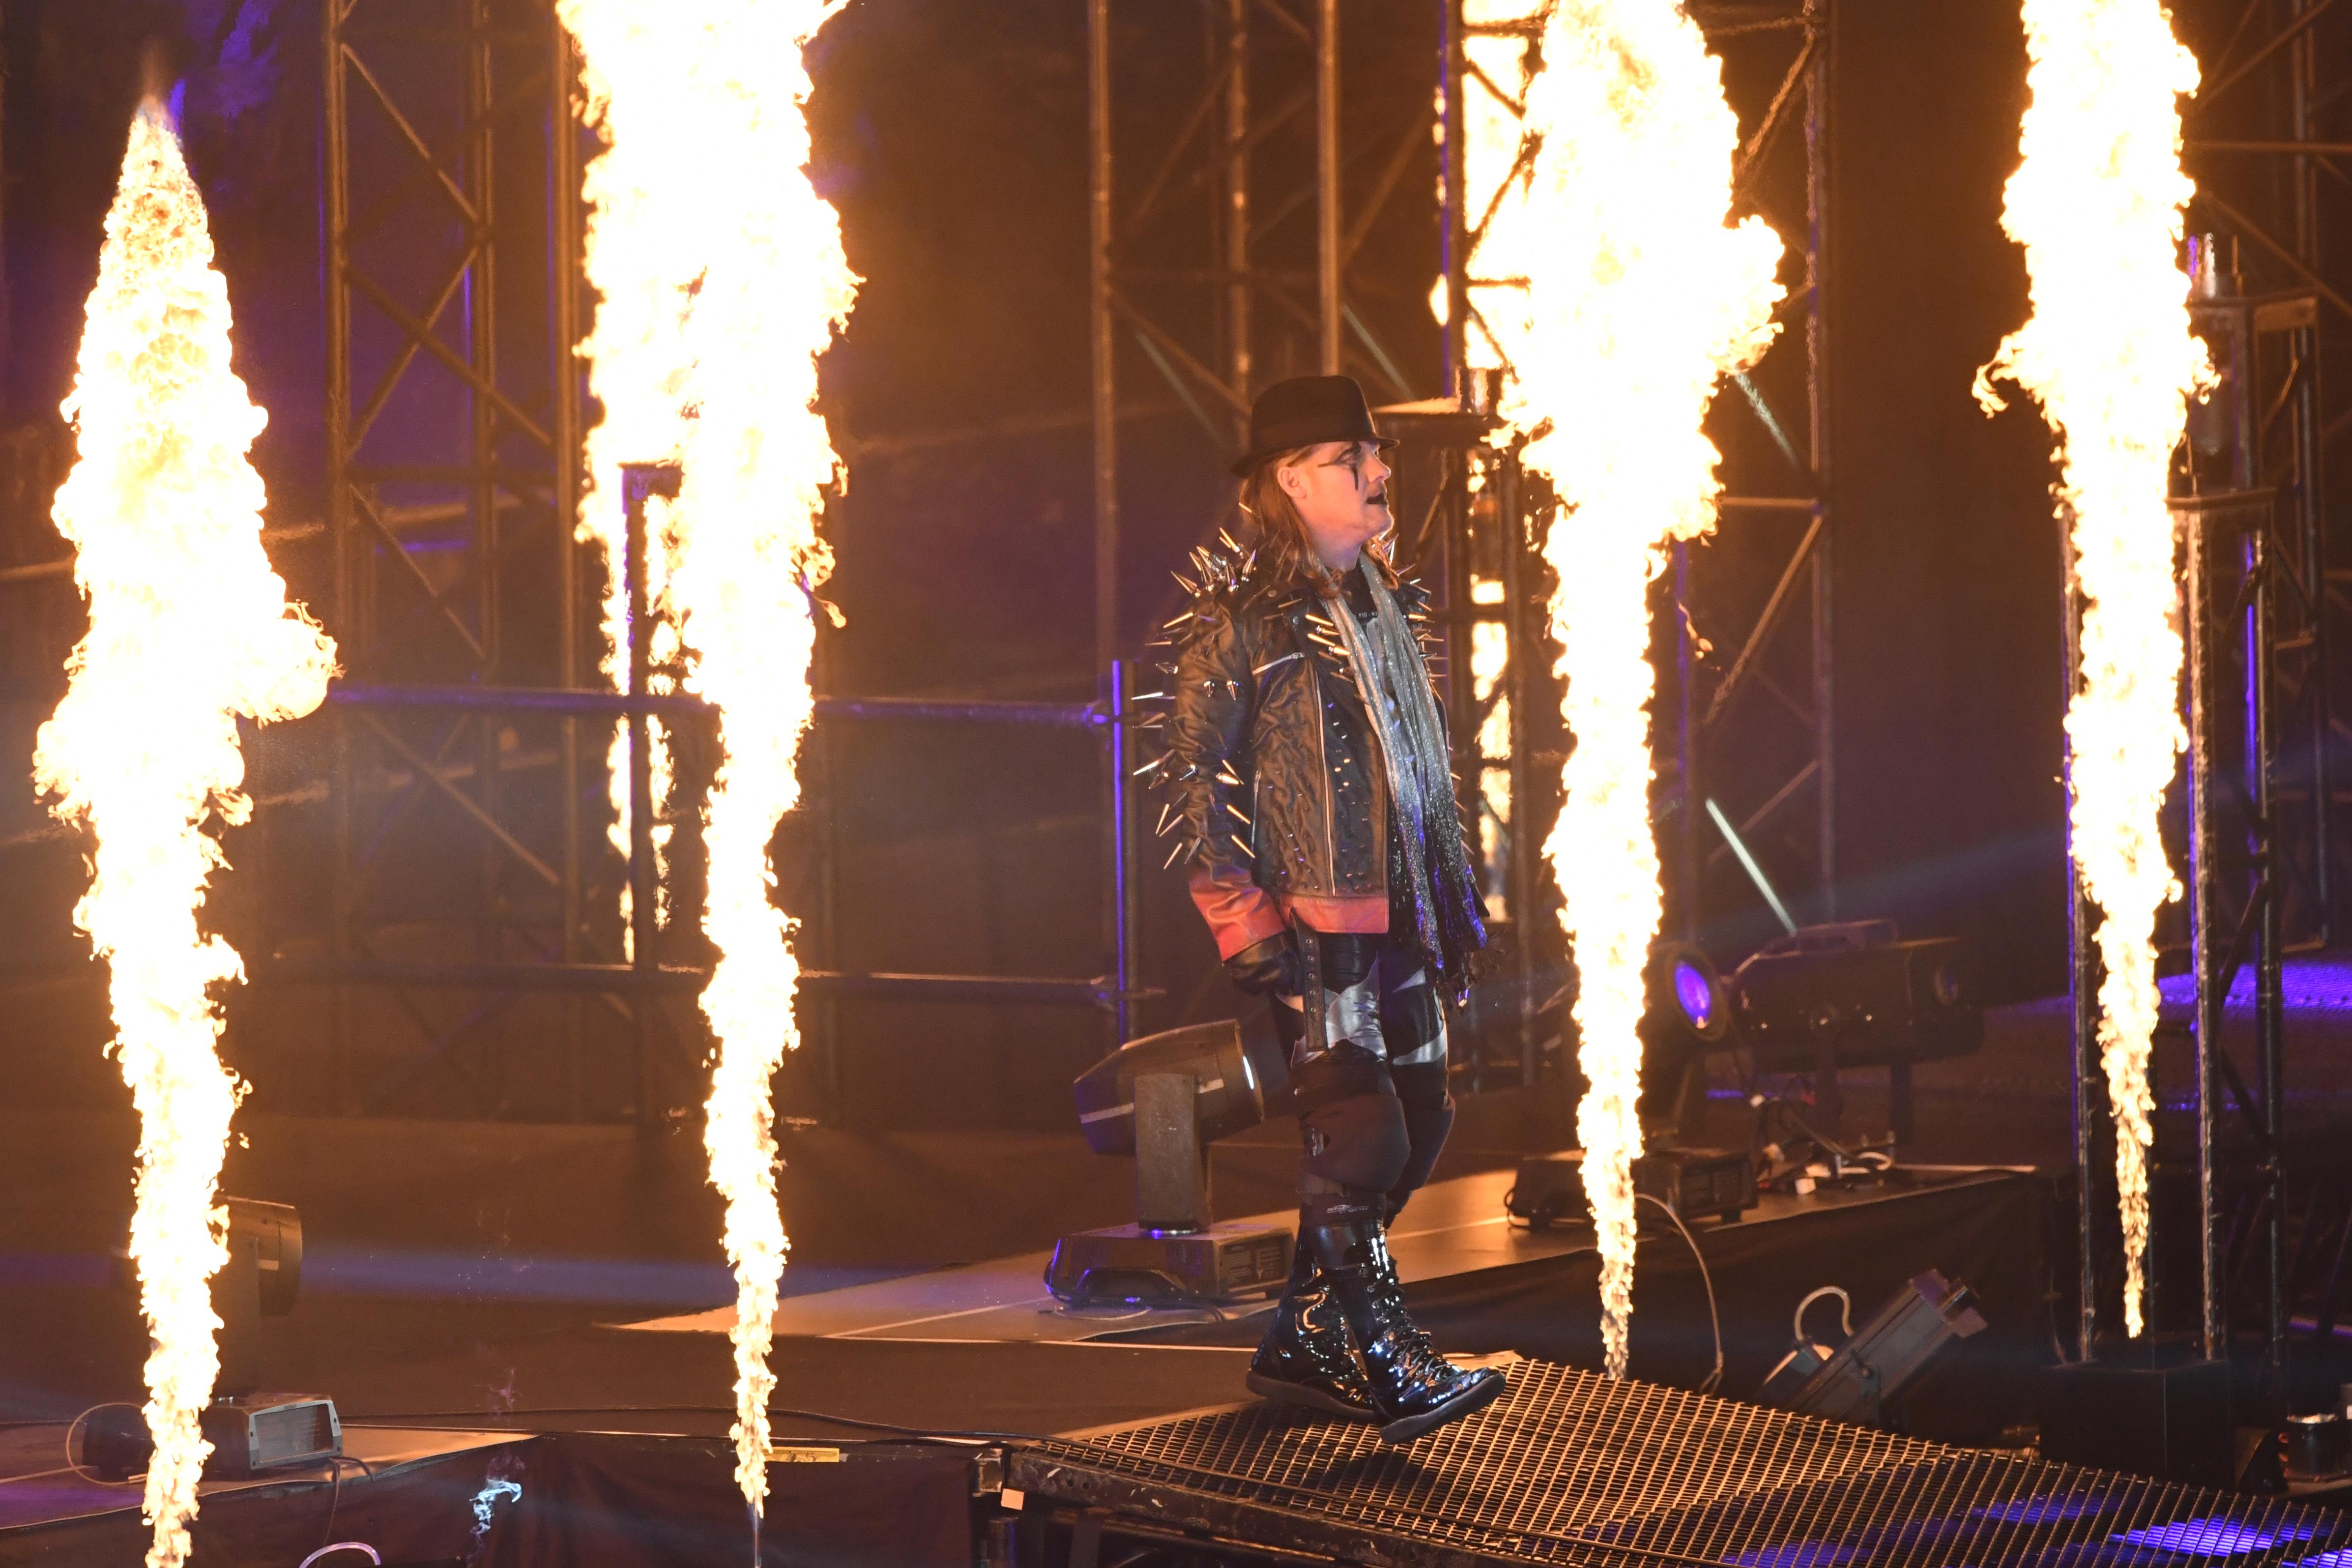 Wrestle Kingdom 13 in Tokyo Dome